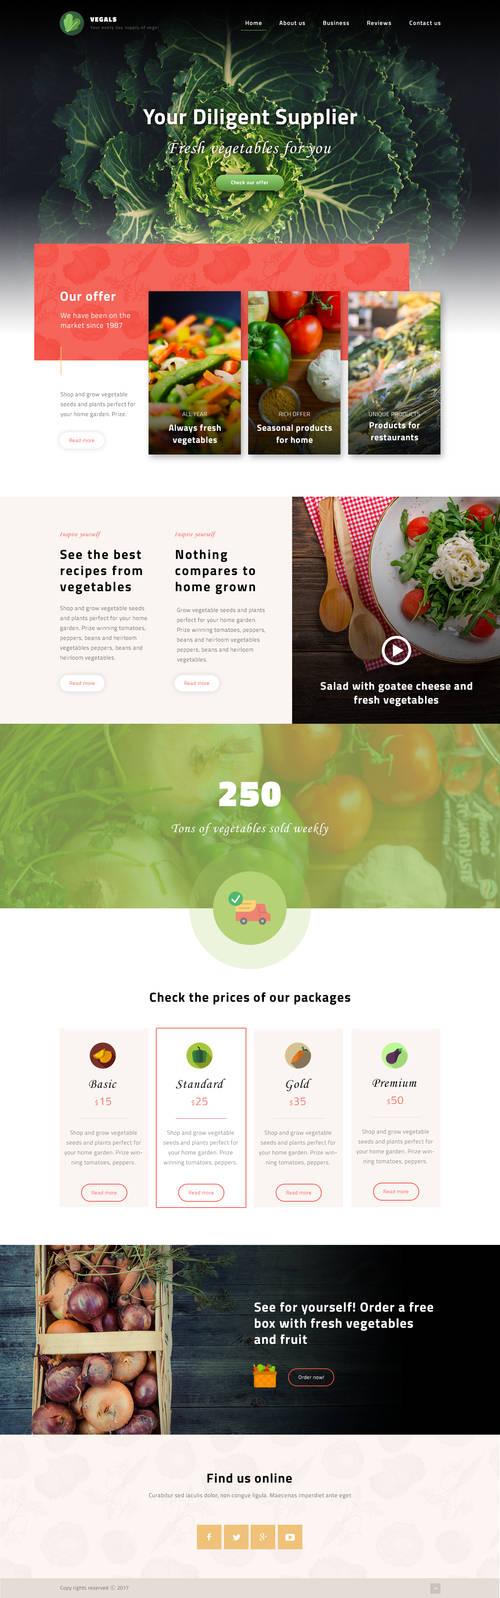 Vegals website